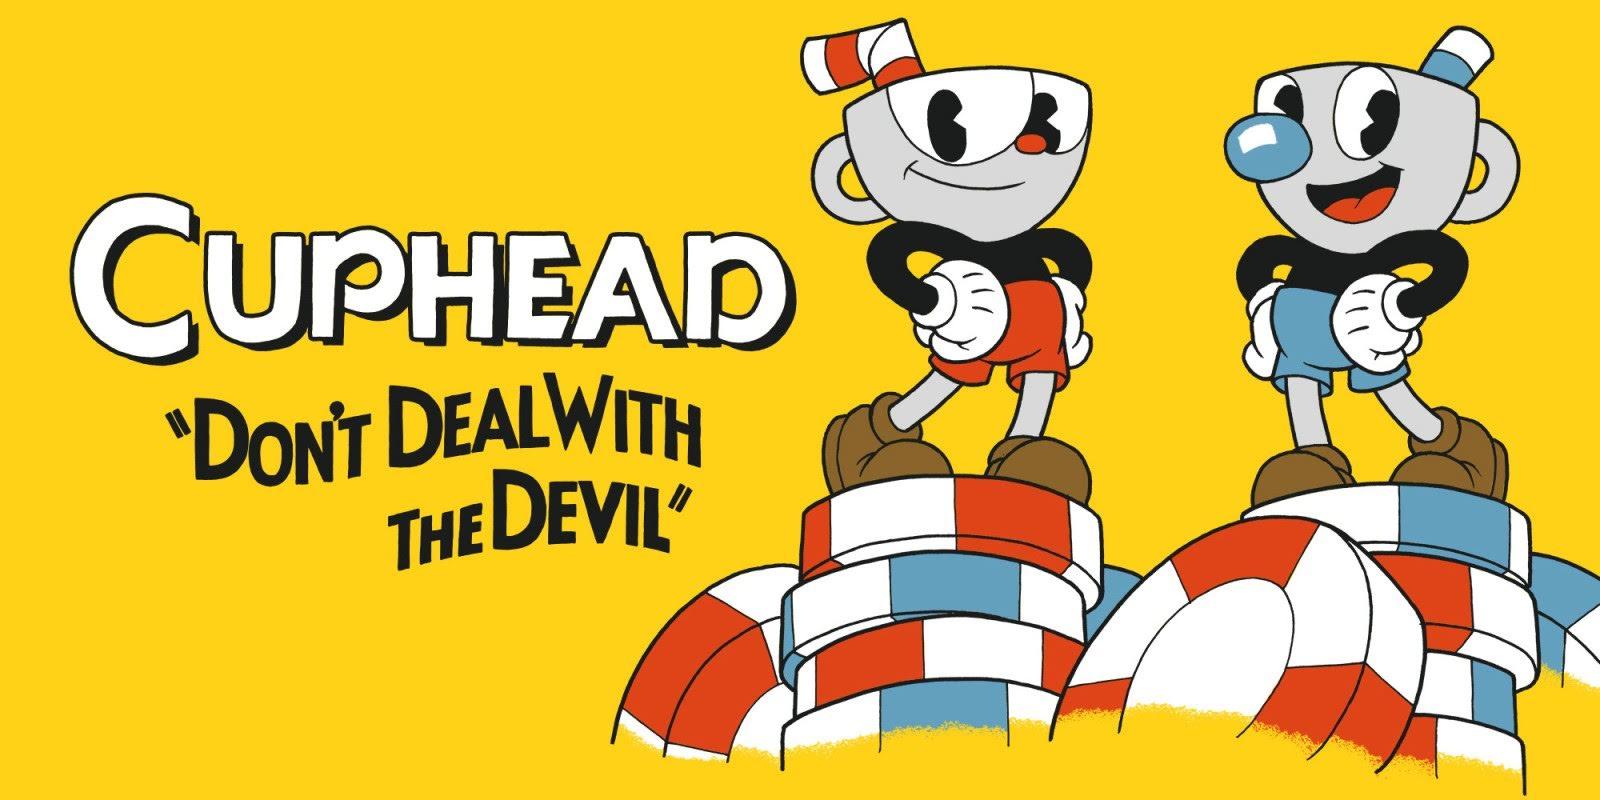 headcup